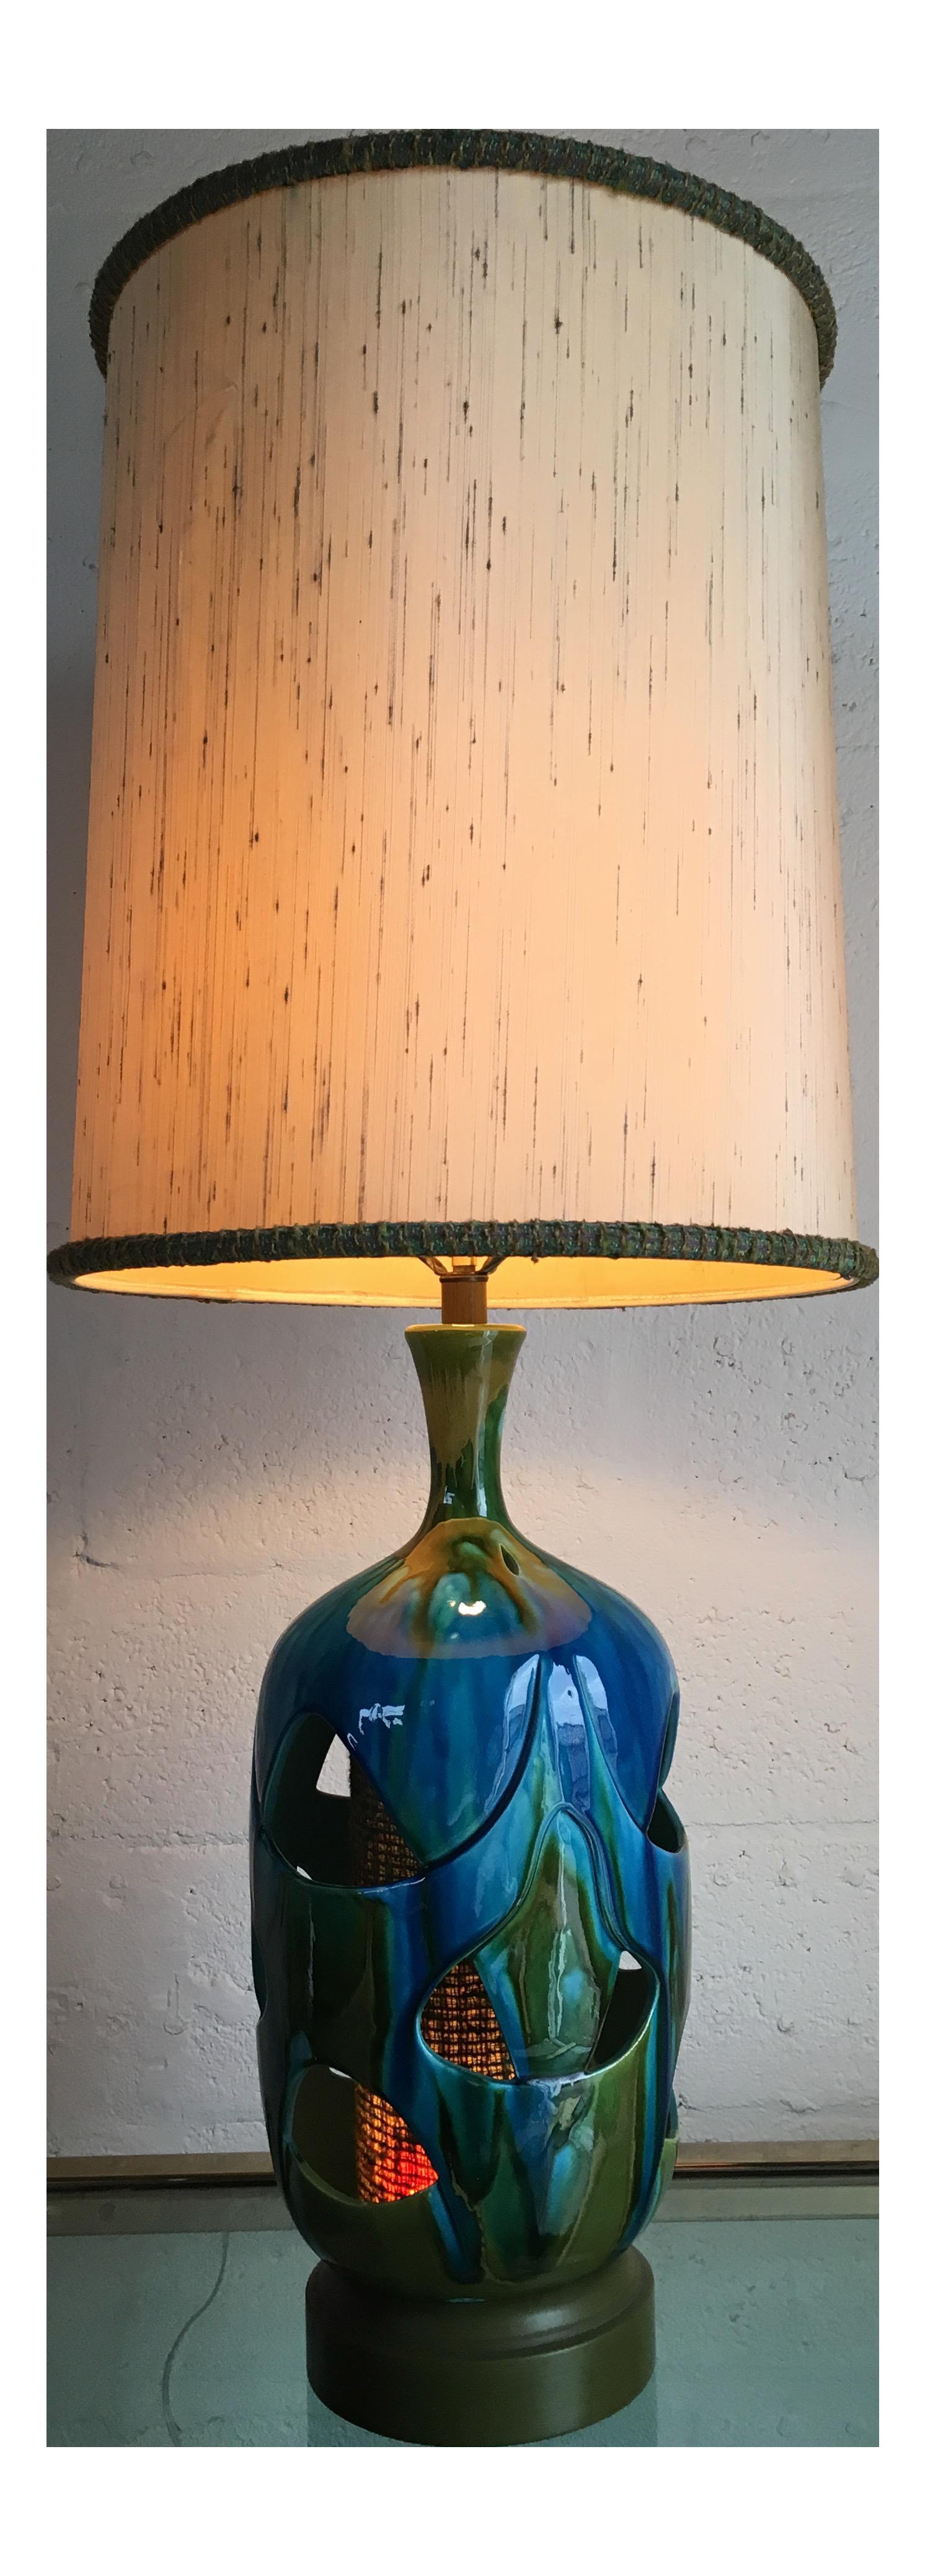 Vintage Mid Century Modern Table Lamp On Chairish Com Mid